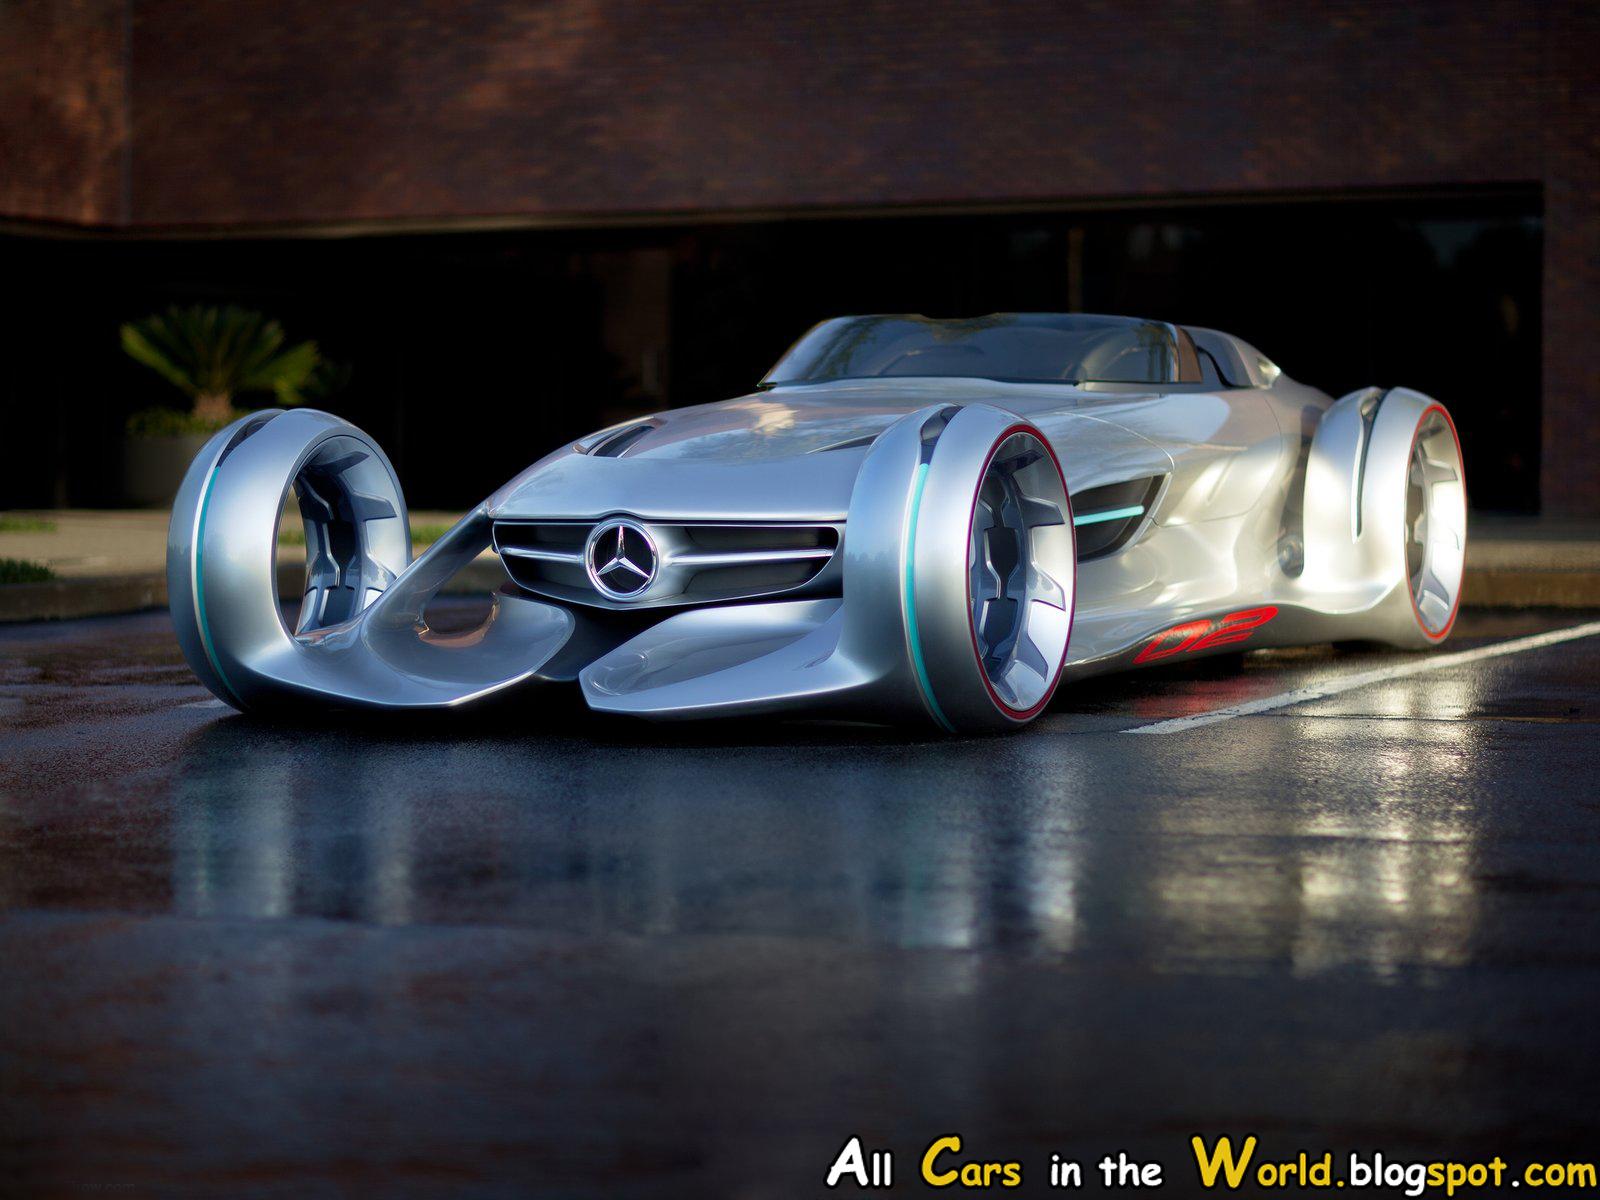 http://1.bp.blogspot.com/-skX3A9RqScs/UEOYUeGy_tI/AAAAAAAAC30/HRNfrqiBeIQ/s1600/Mercedes-Benz-Silver_Arrow_Concept_2011_1600x1200_wallpaper_01.jpg